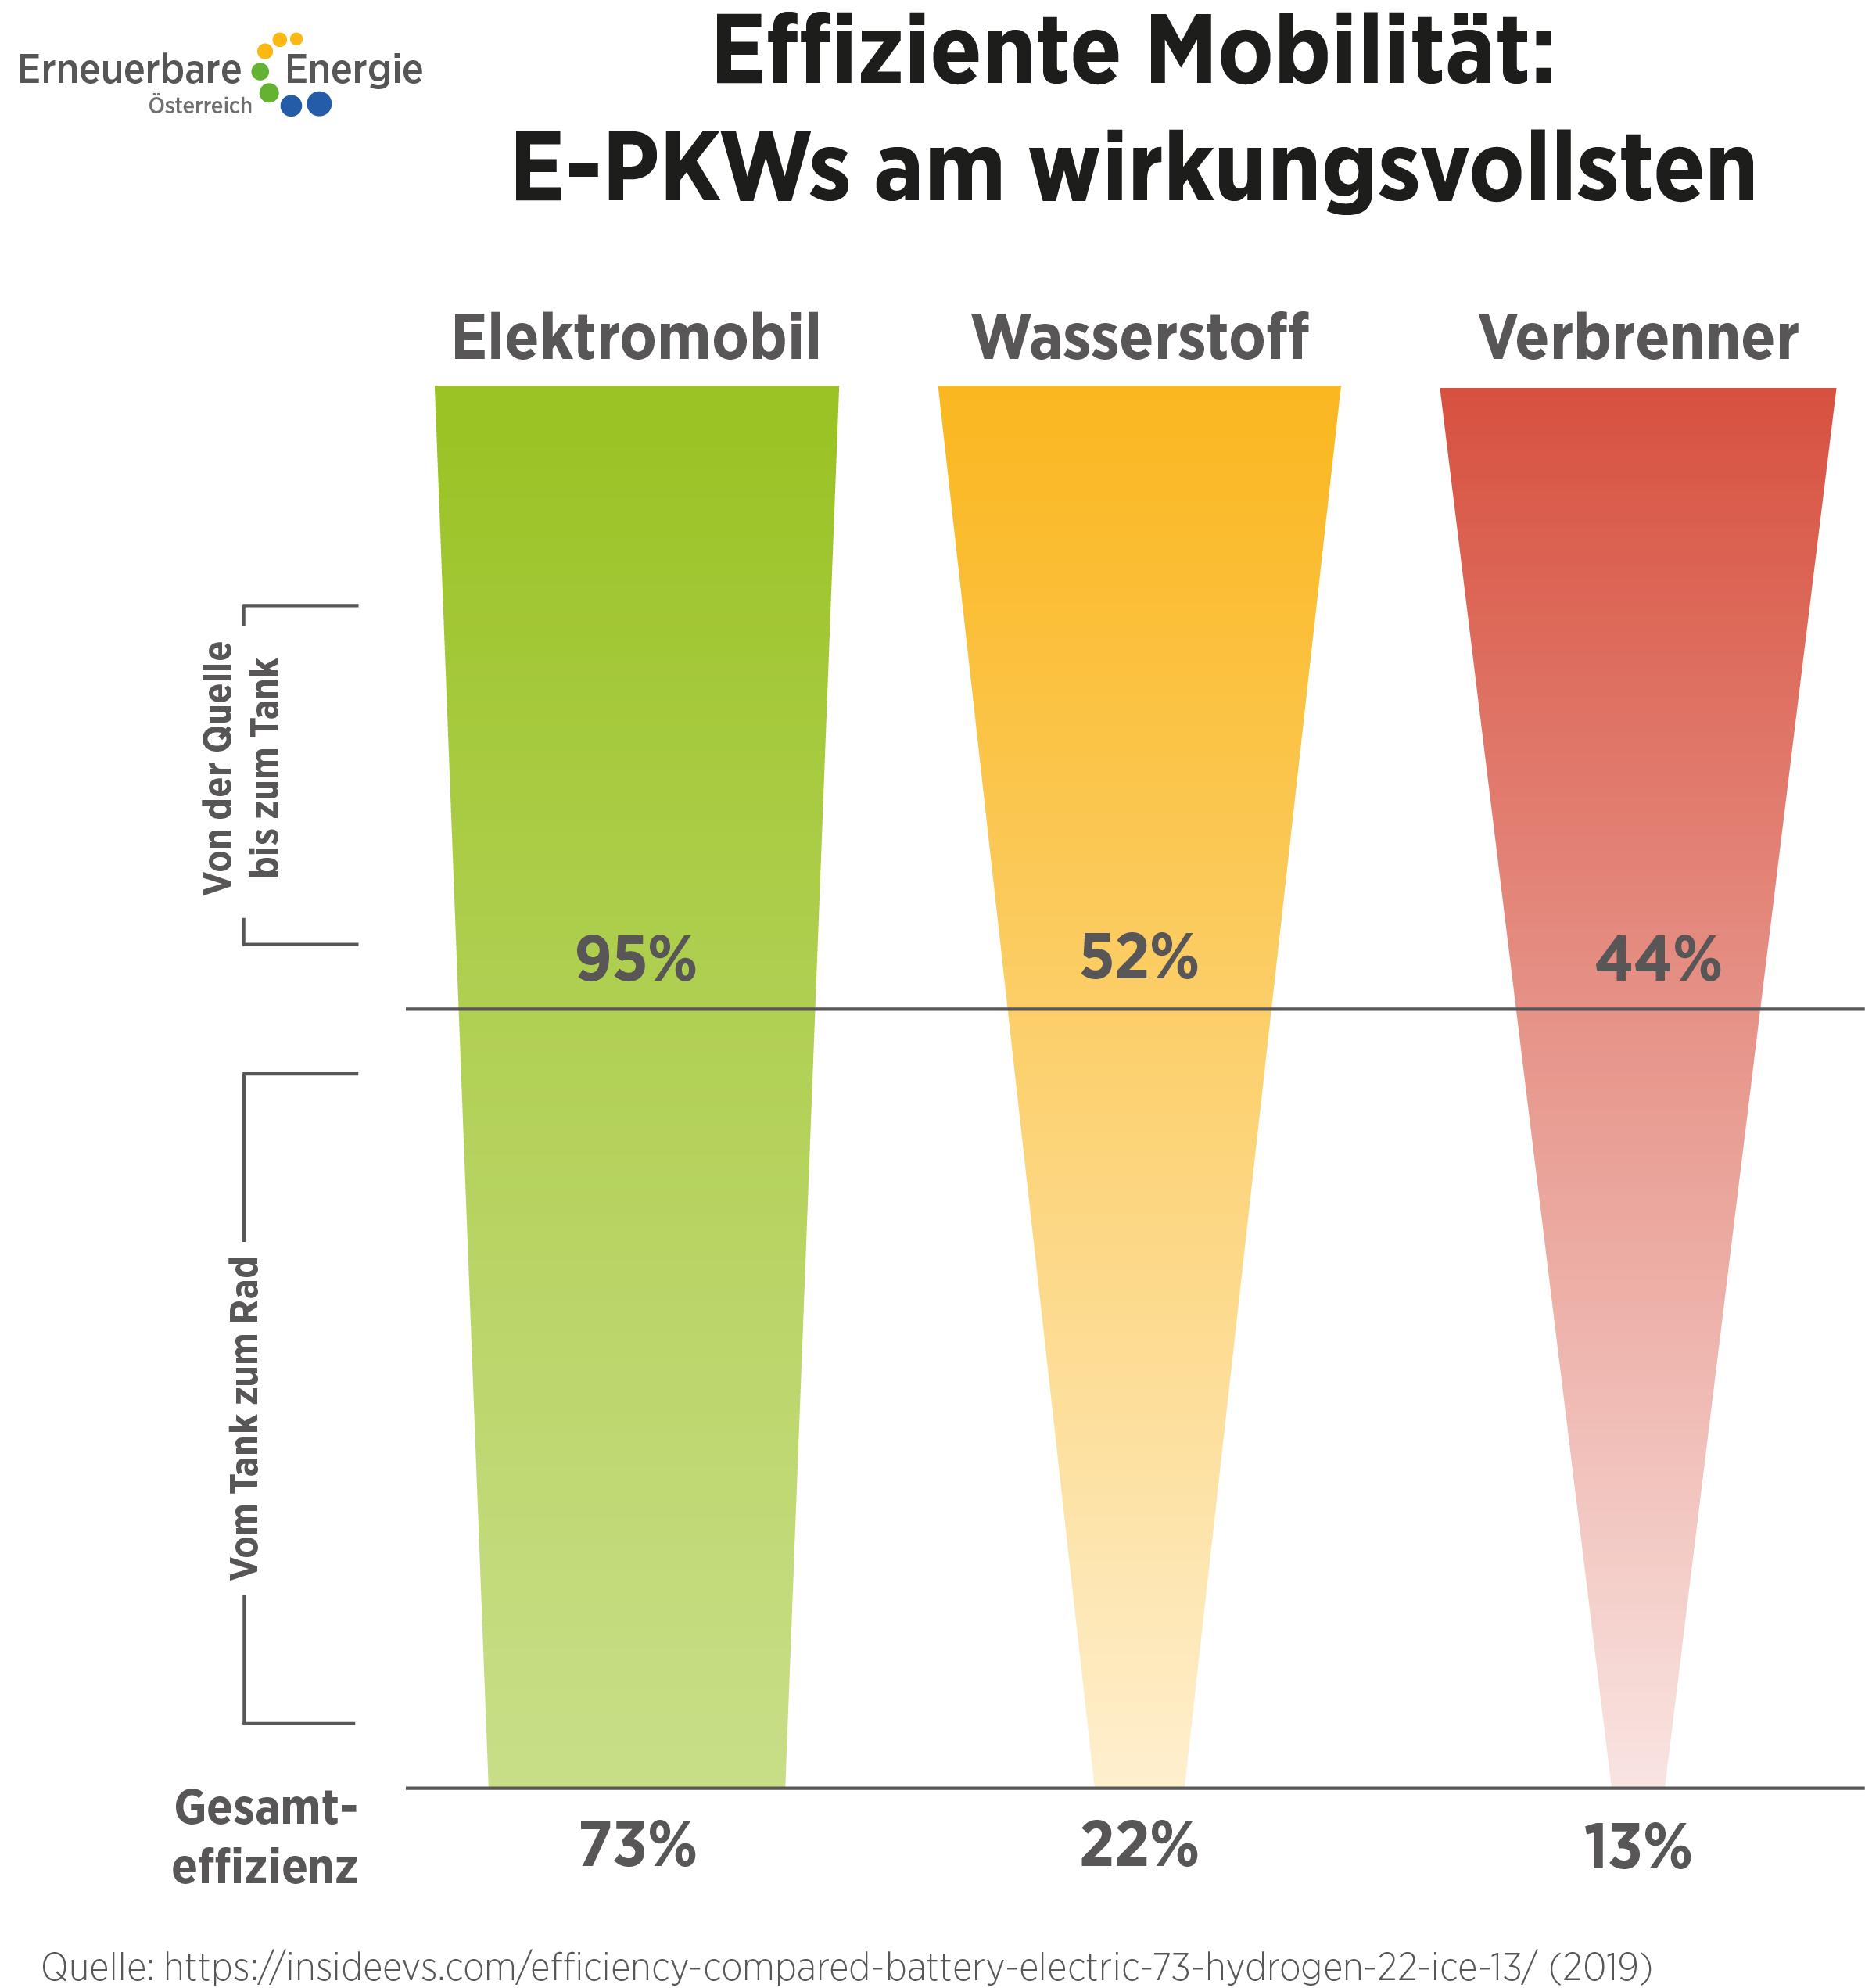 Effiziente Mobilität: E-PKWs am wirkungsvollsten  ©Erneuerbare Energie Österreich Uneingeschränkte Nutzung honorarfrei bei Nennung des Urhebers.